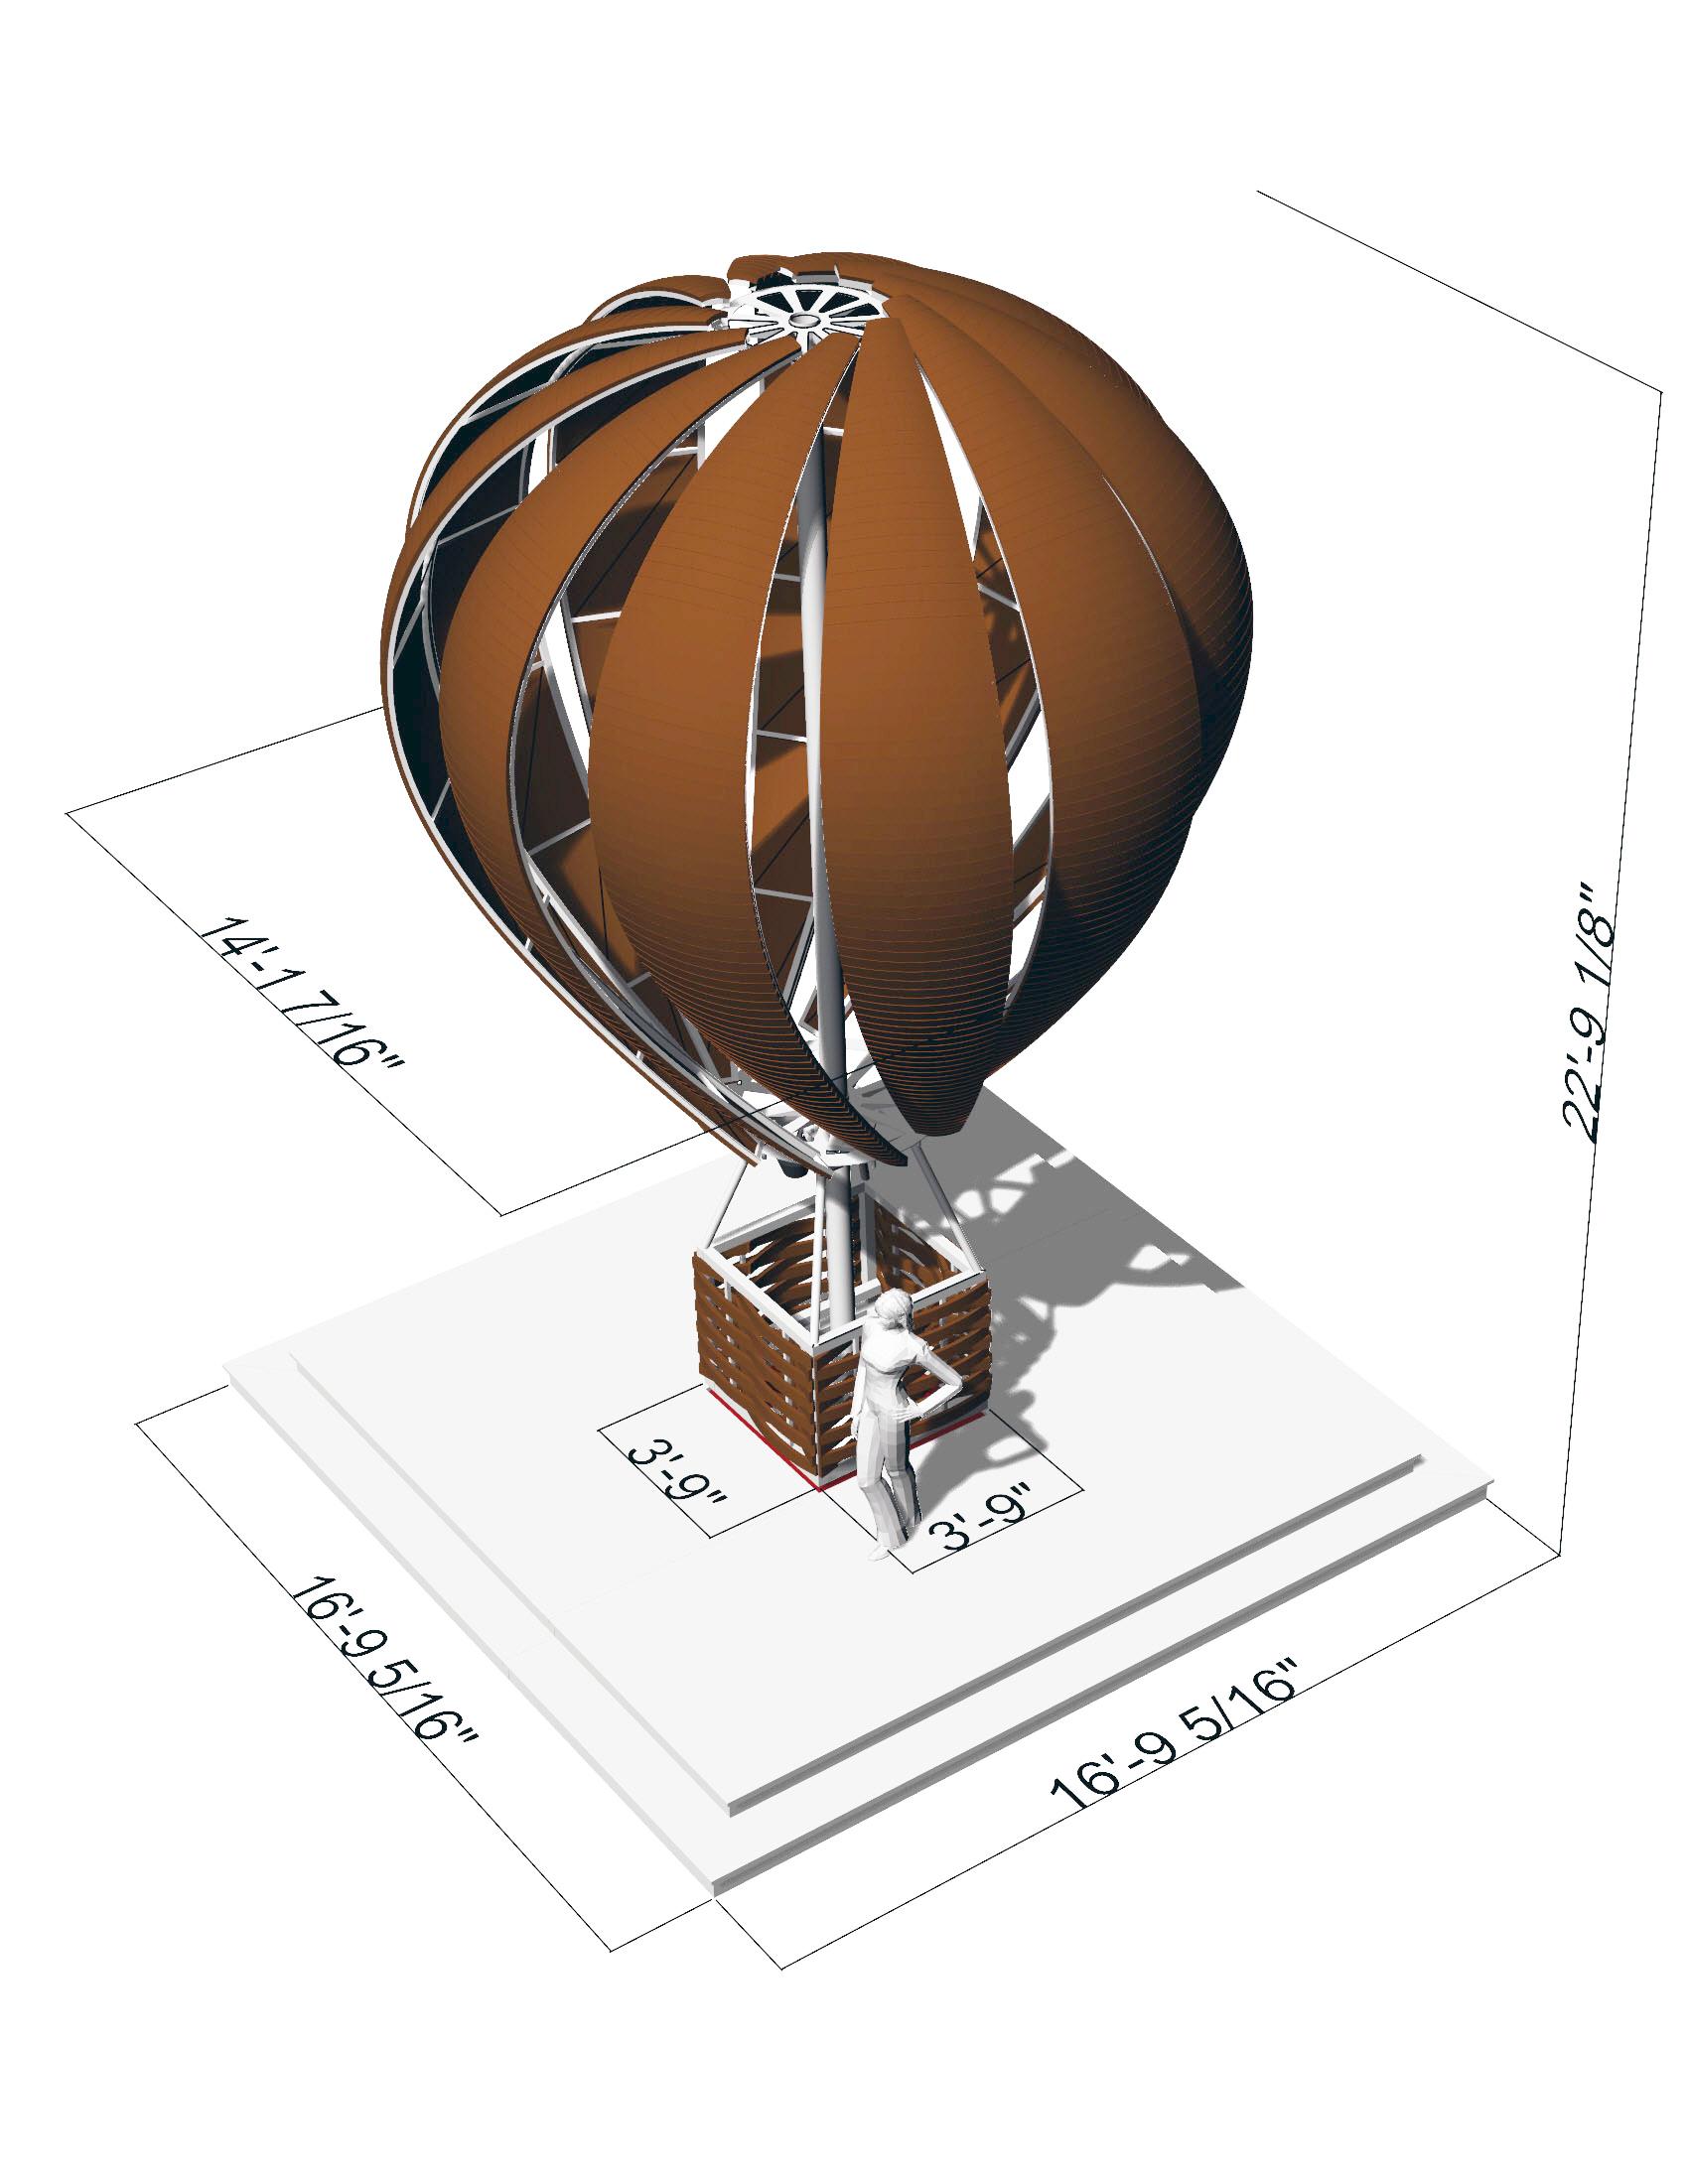 _concept rendering